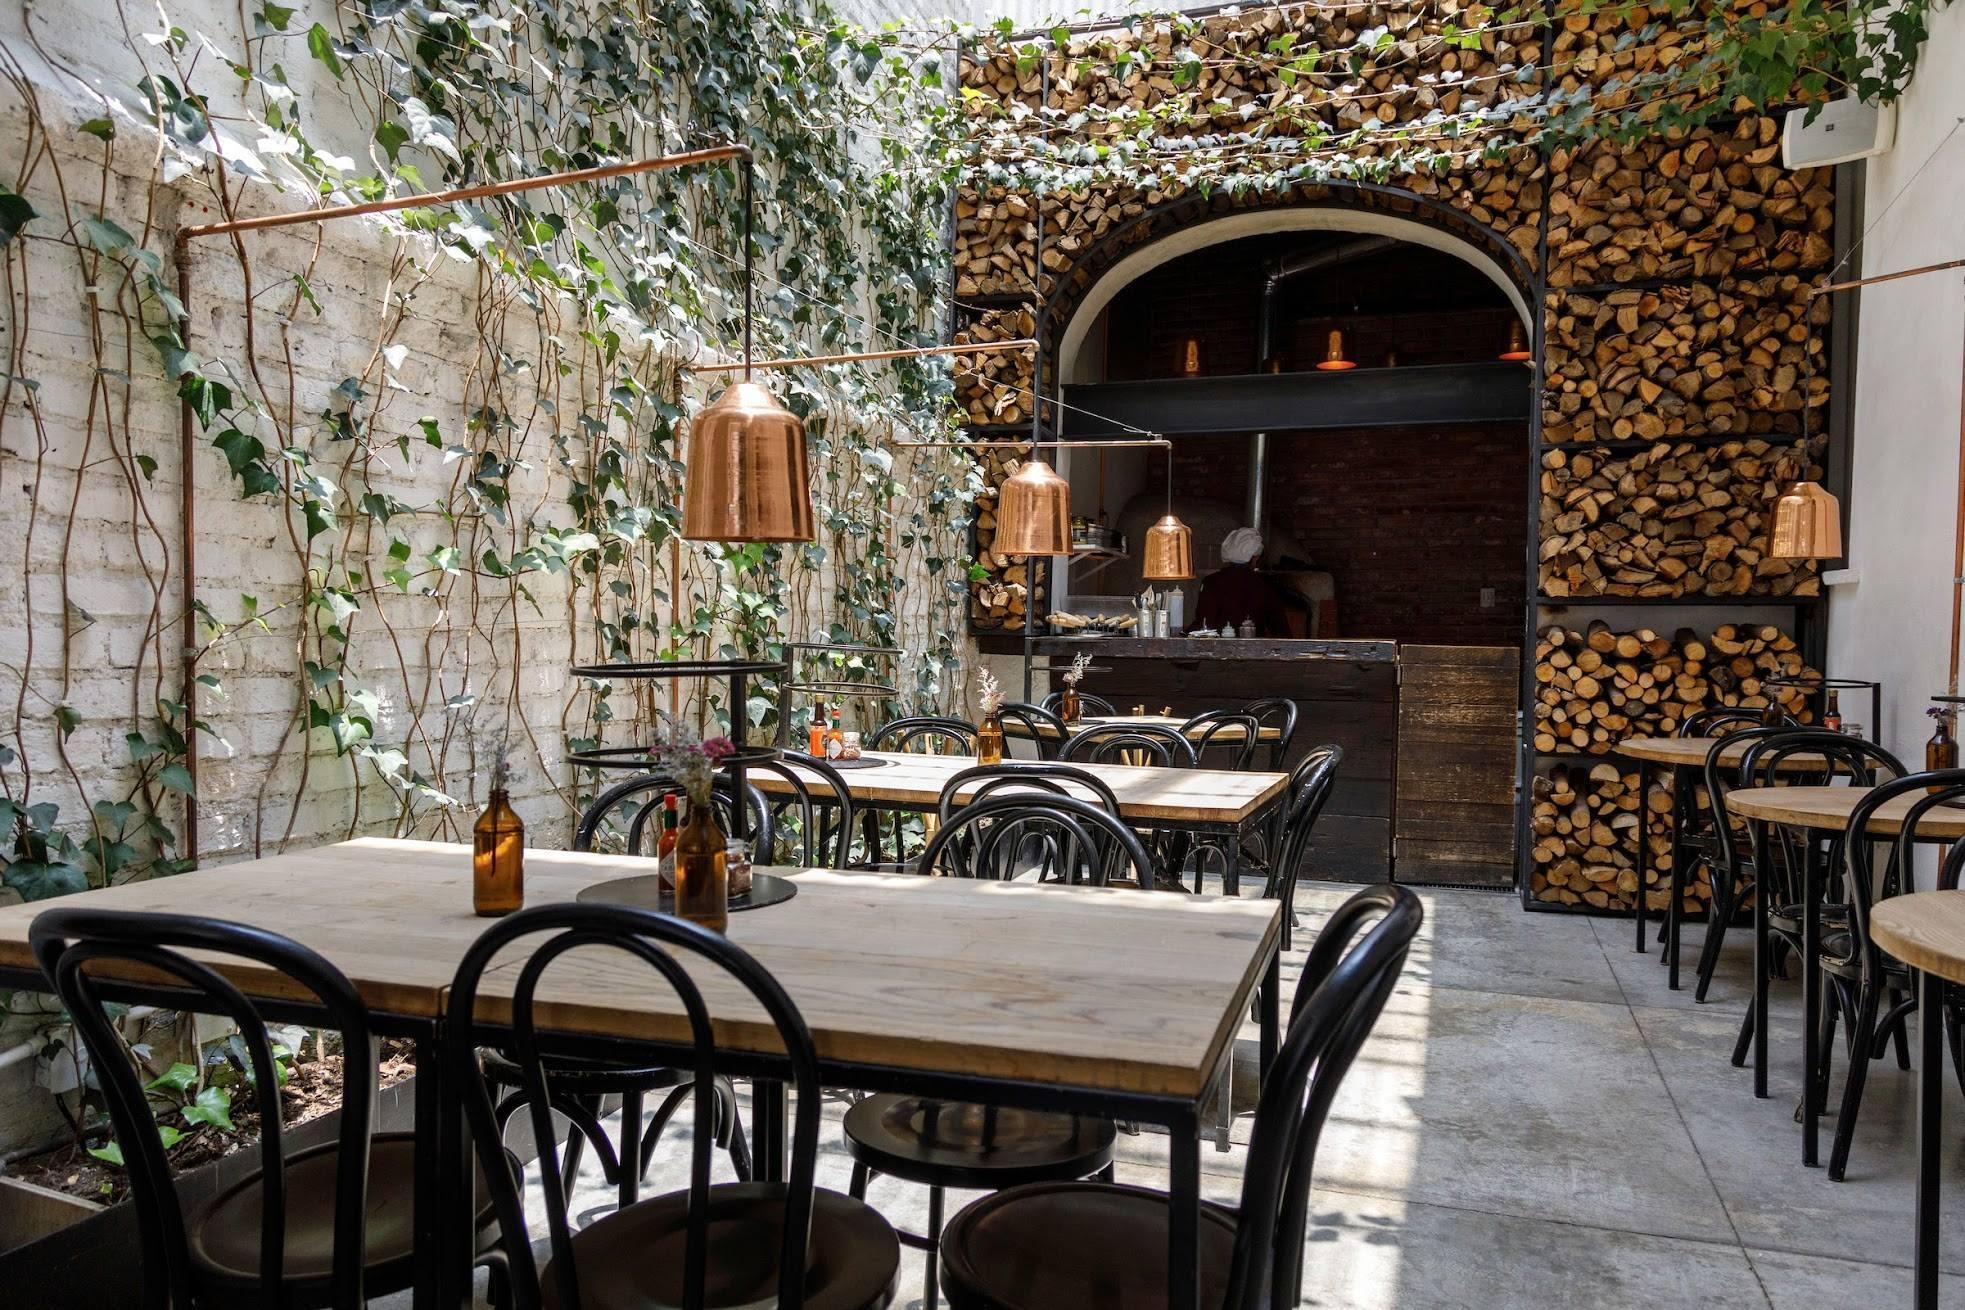 restaurante con decoración hipster